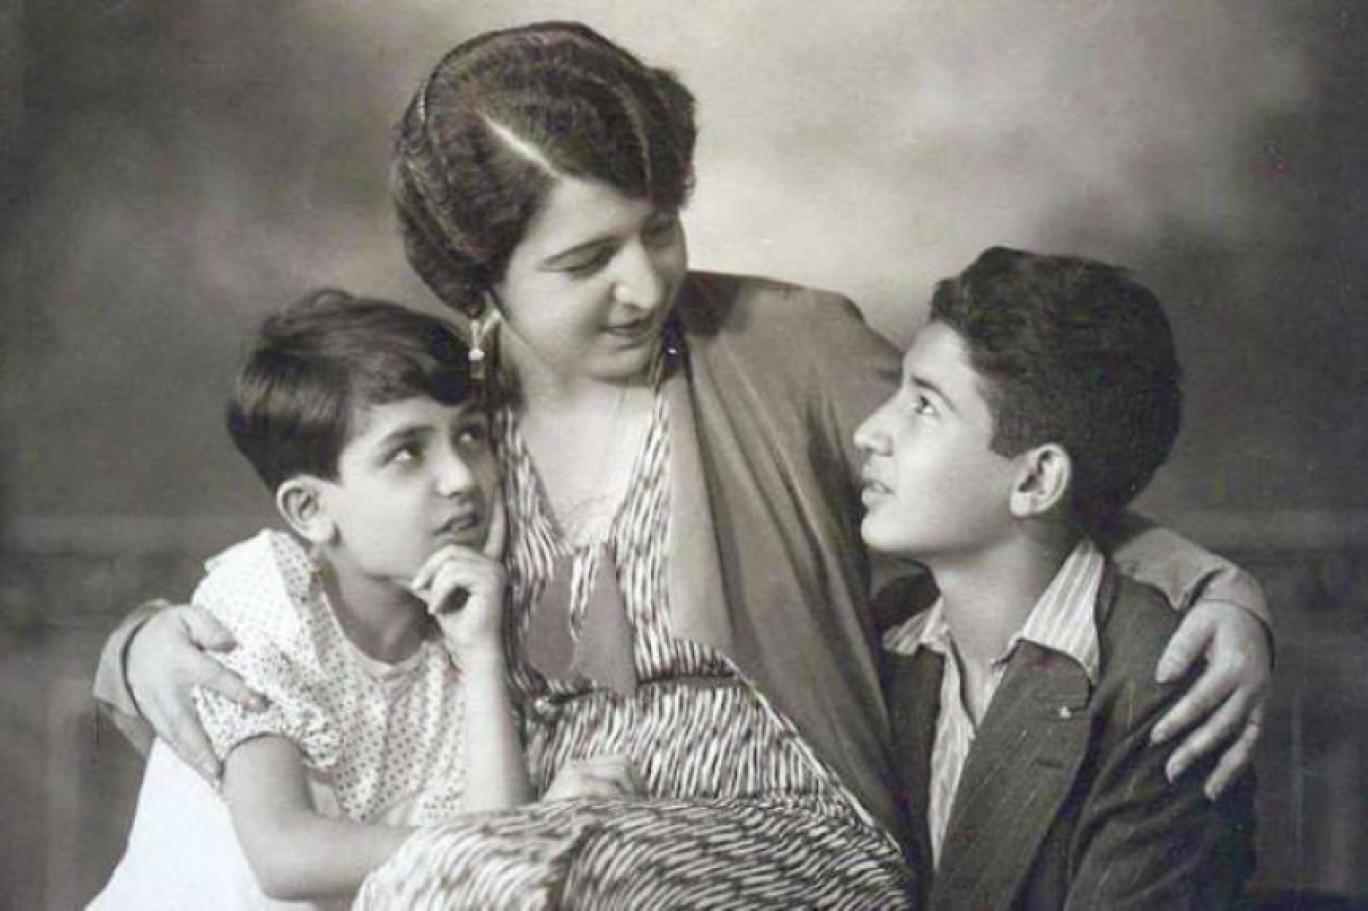 فاطمة اليوسف أو حكاية سيدة عربية استثنائية من القرن العشرين | اندبندنت عربية